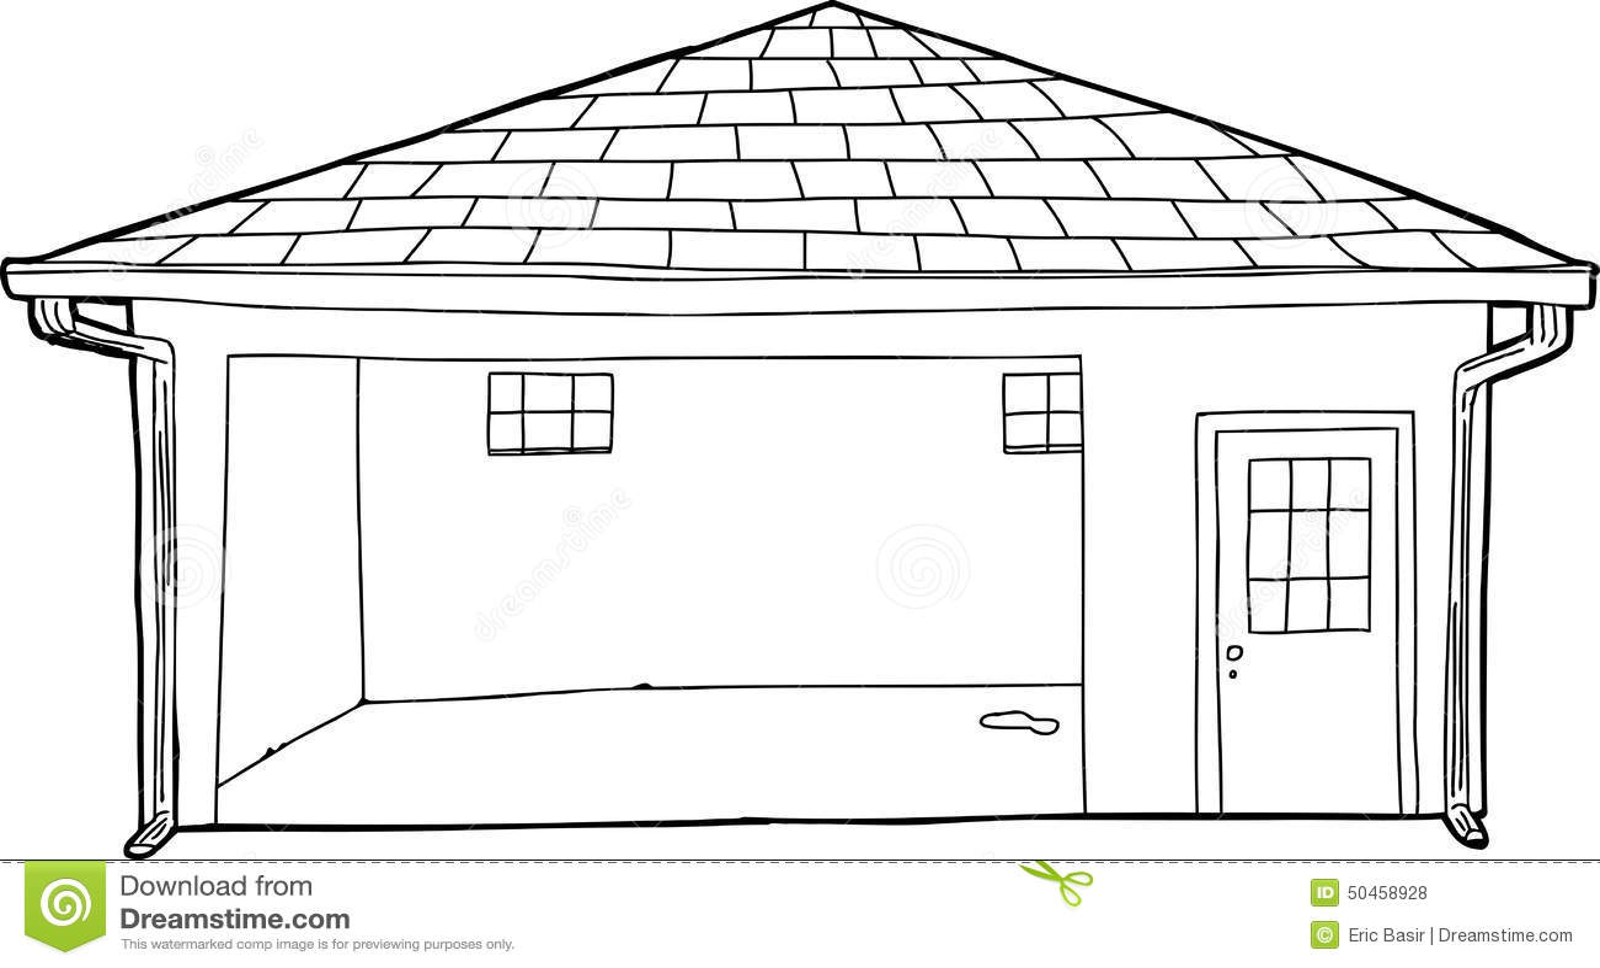 Garage Door Clip Art : Empty outlined garage cartoon stock illustration image